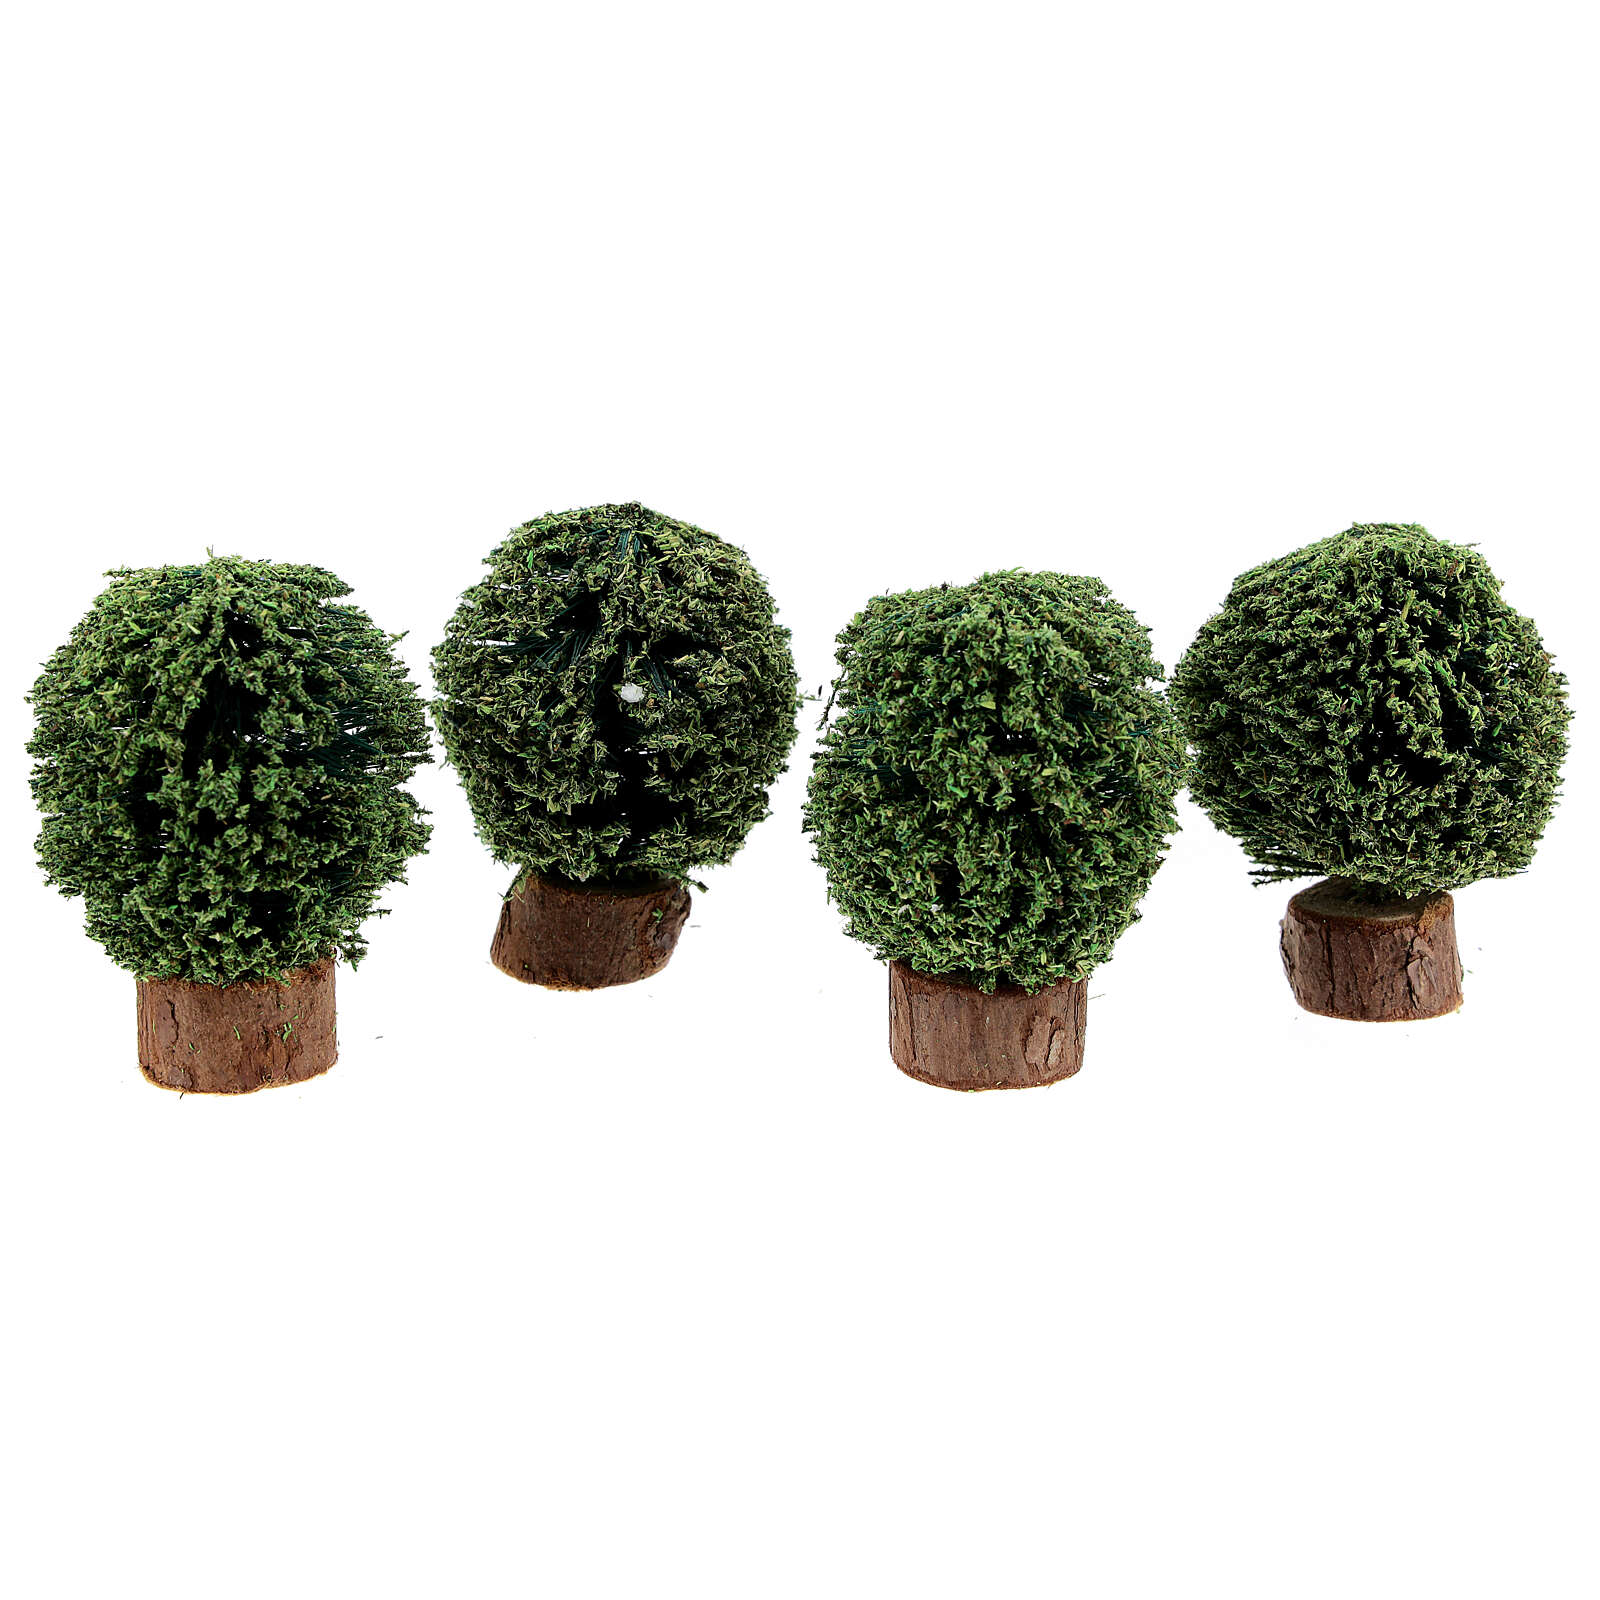 Buissons vase en bois 4 pcs h réelle 5 cm crèche 8 cm 4